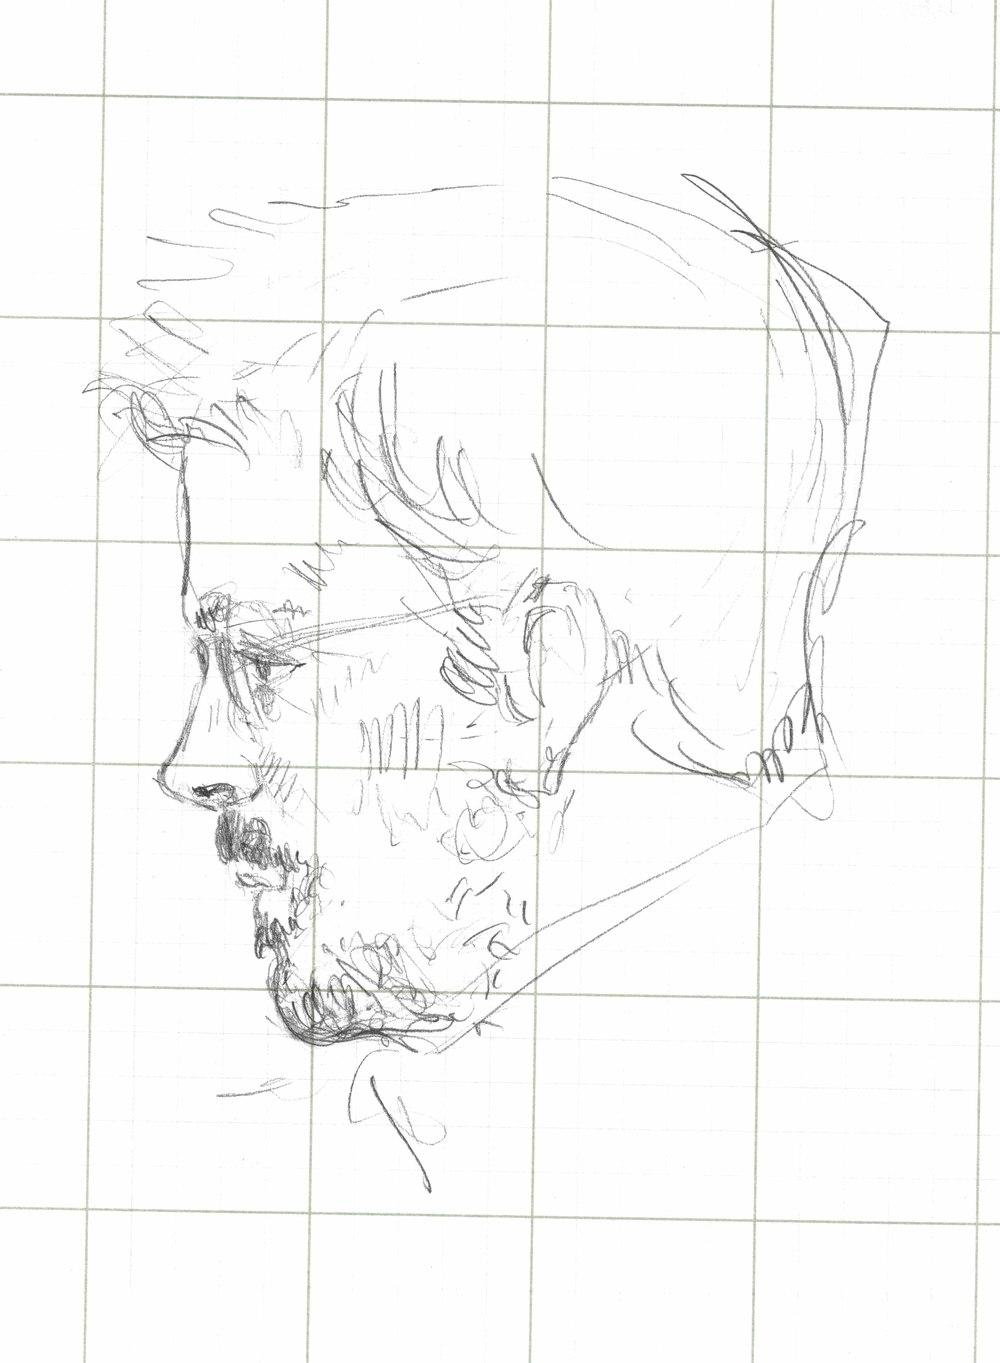 Santi drawing.jpg